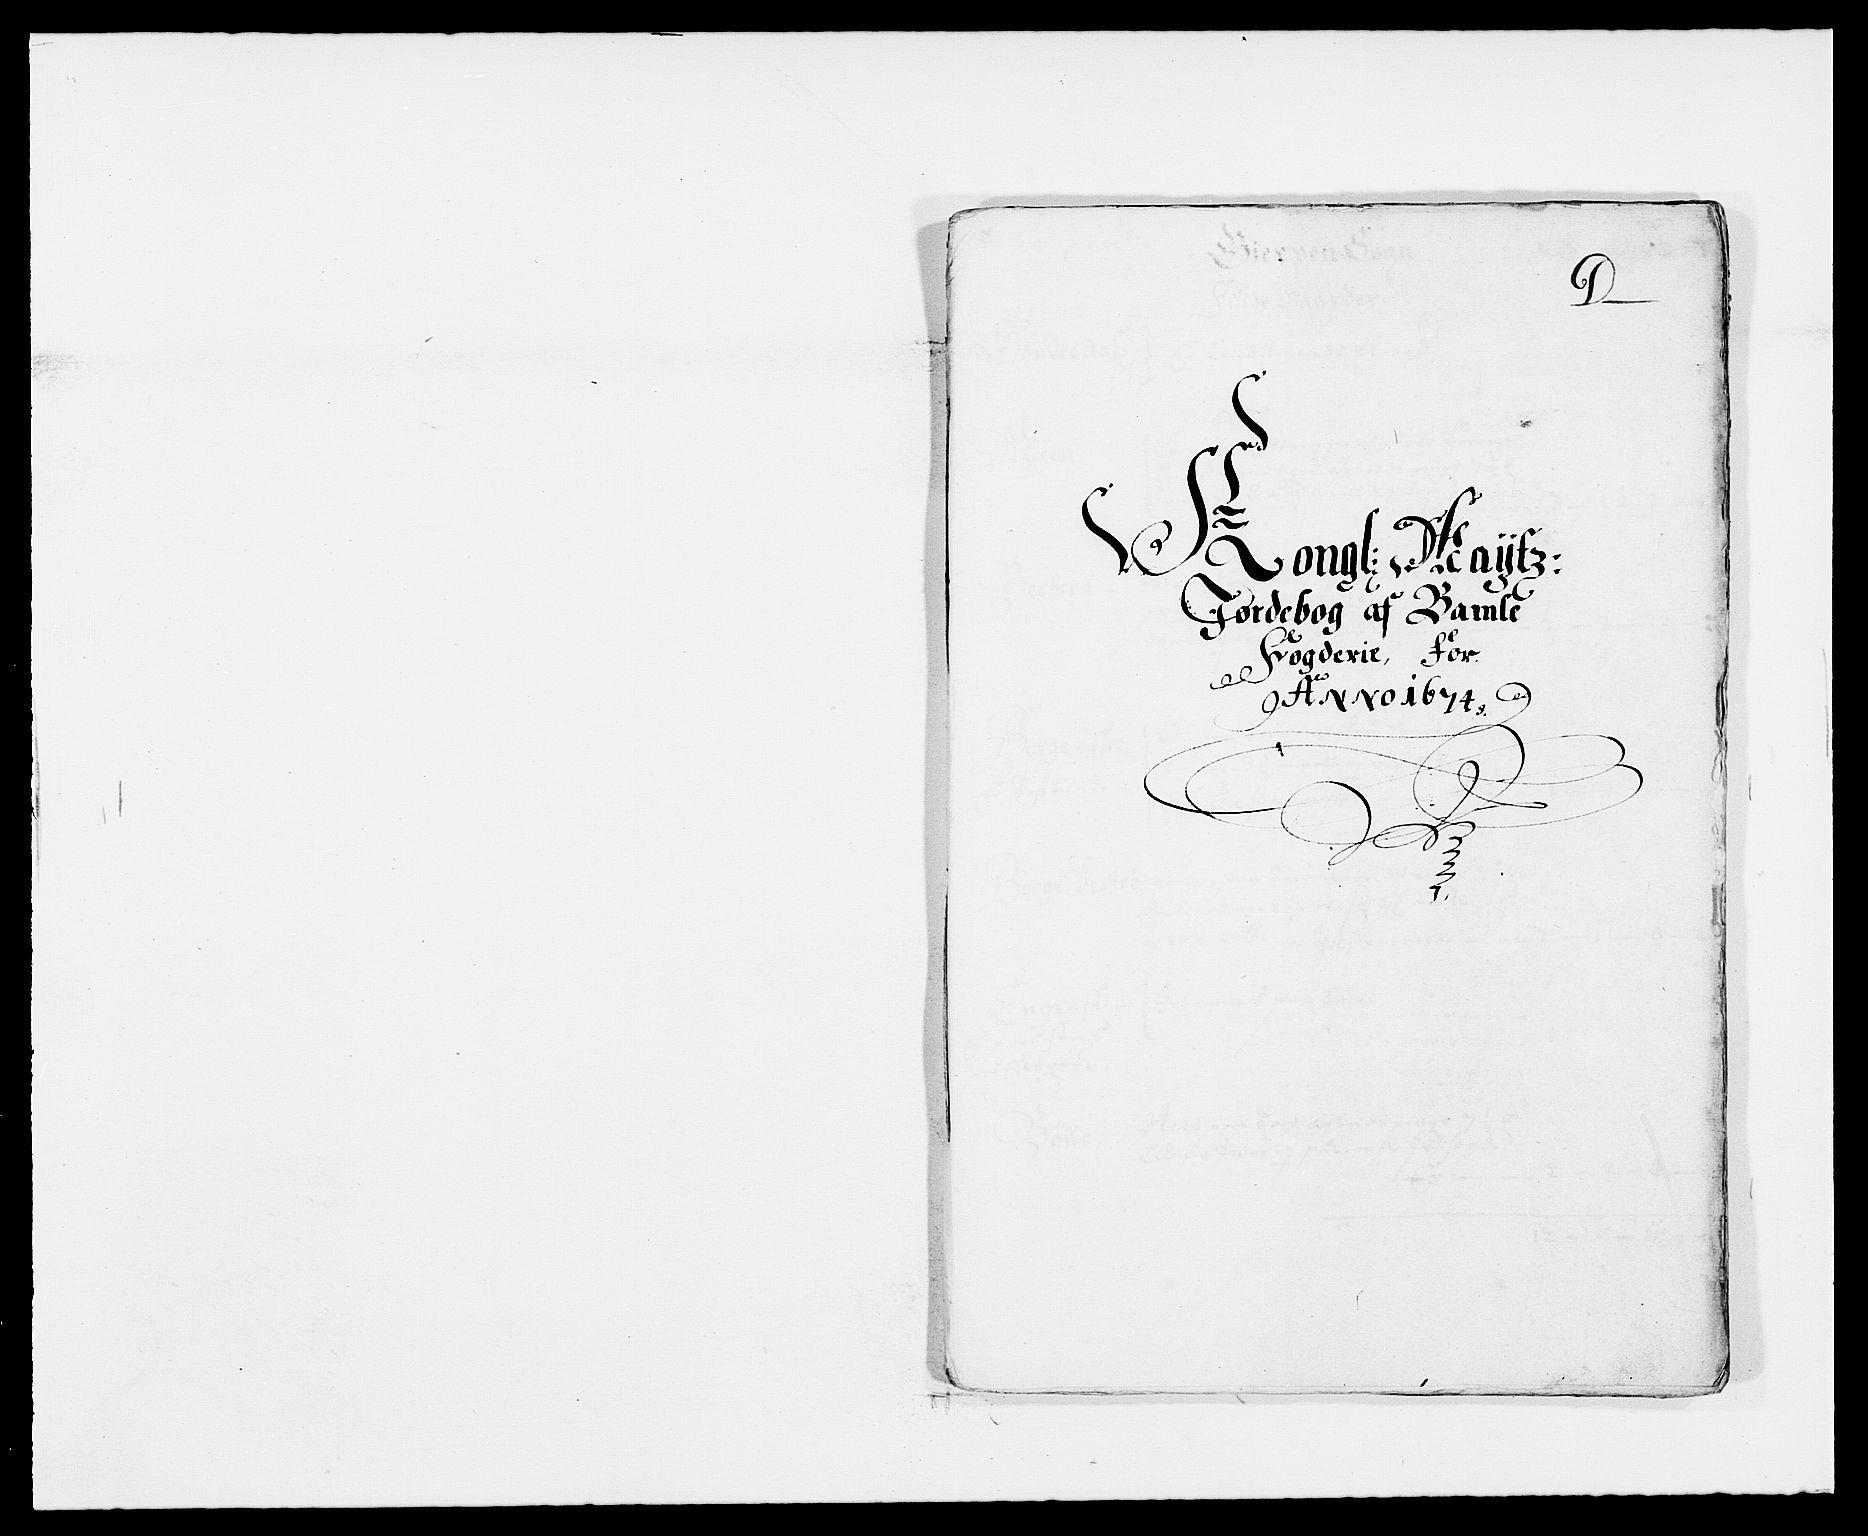 RA, Rentekammeret inntil 1814, Reviderte regnskaper, Fogderegnskap, R34/L2042: Fogderegnskap Bamble, 1673-1675, s. 235